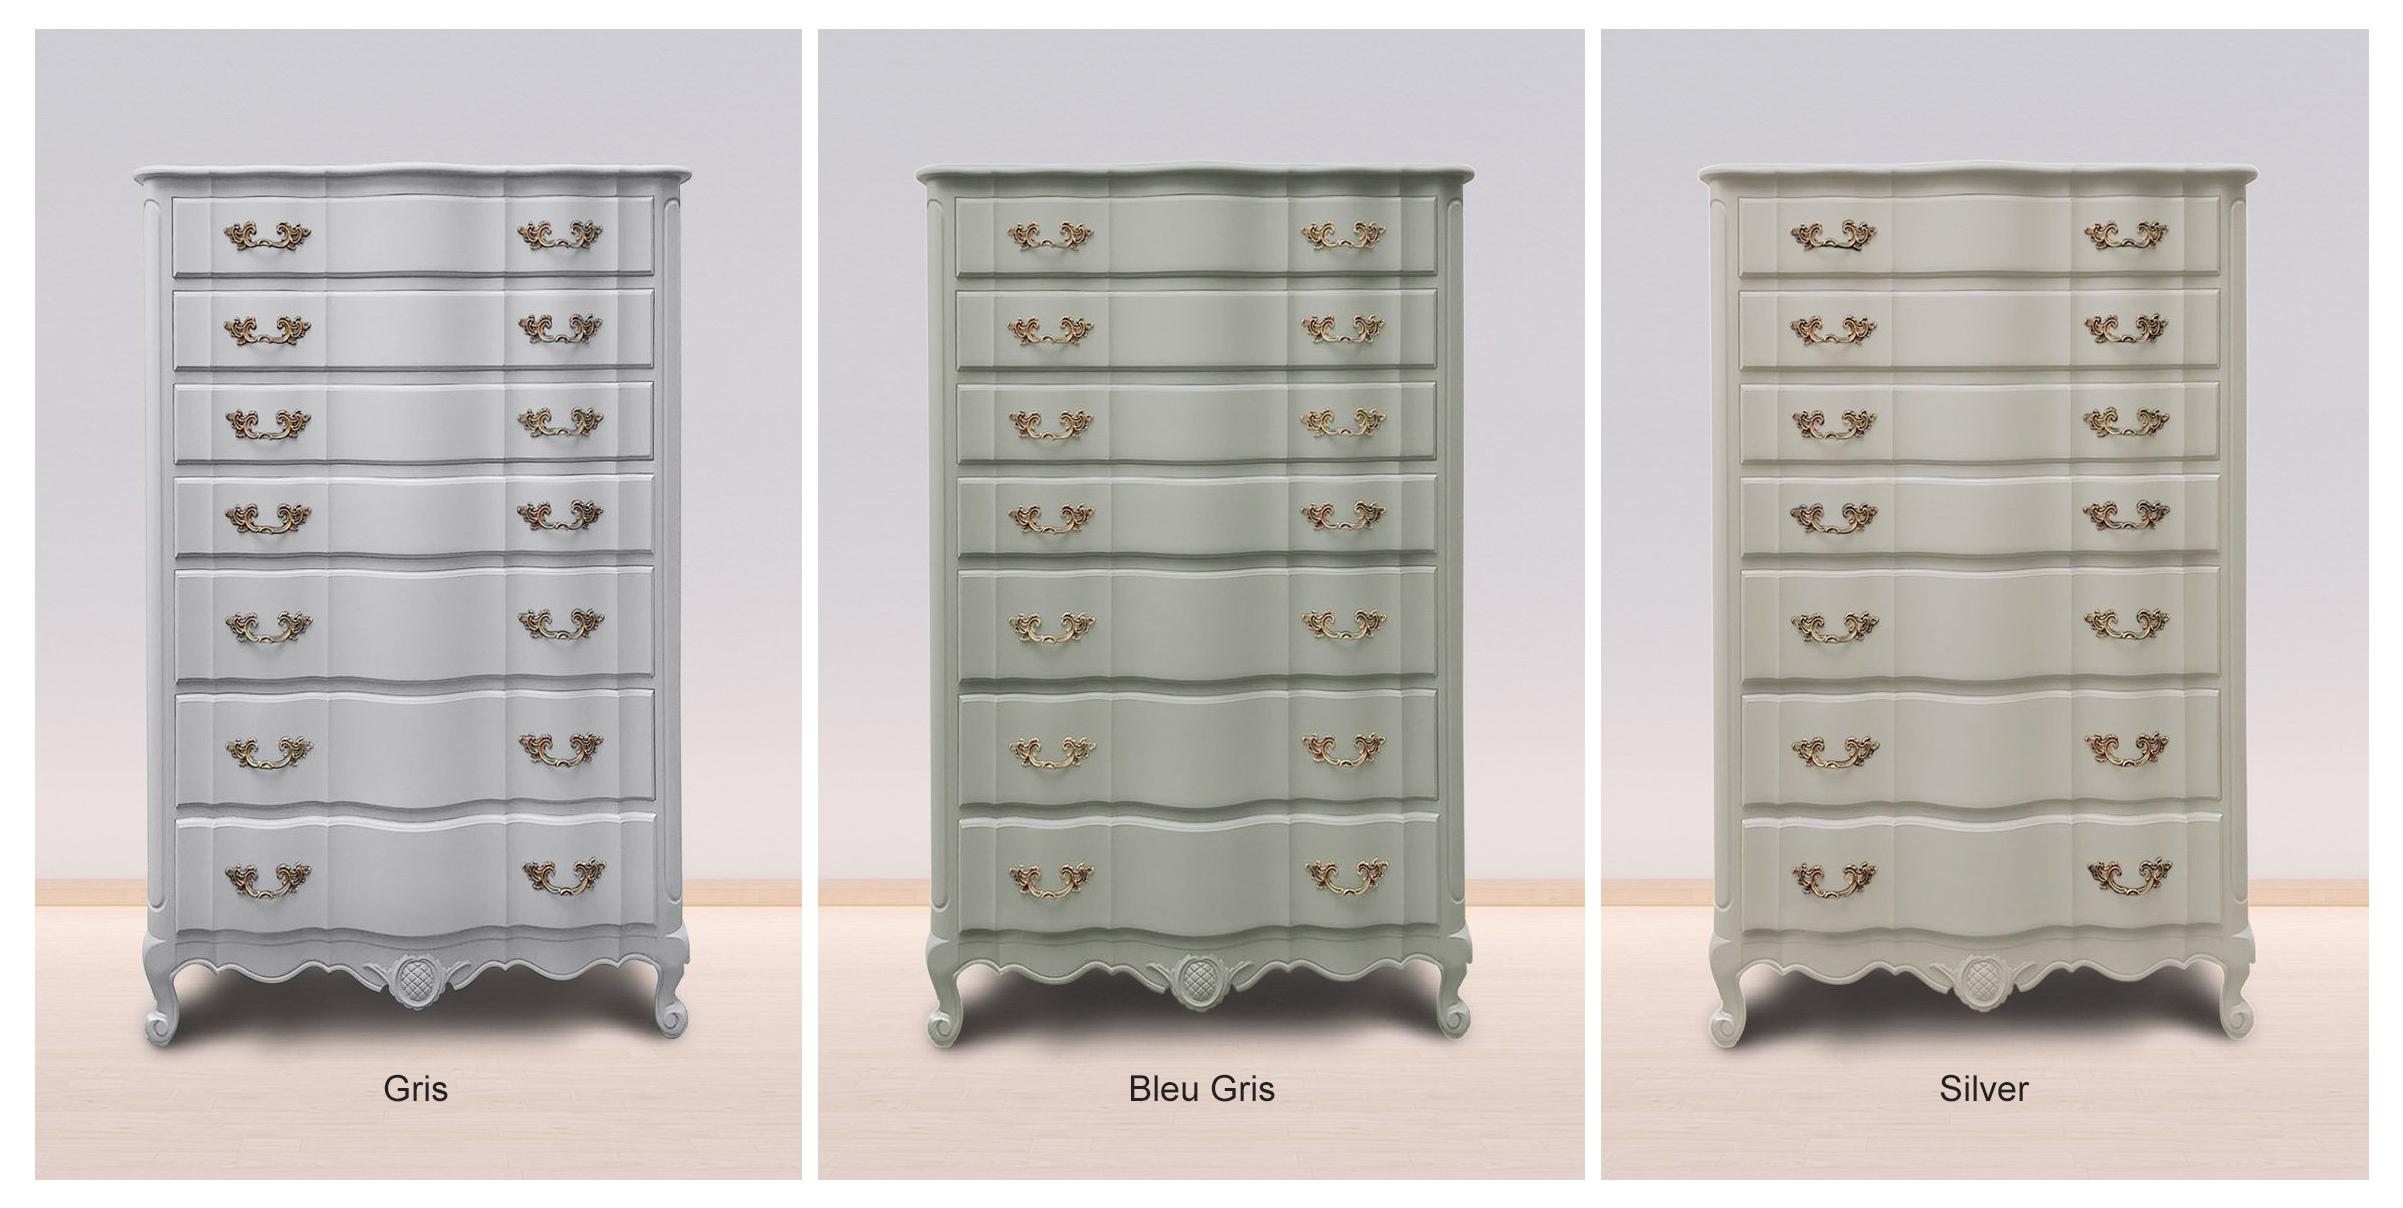 Gris, Bleu Gris & Silver Orginal